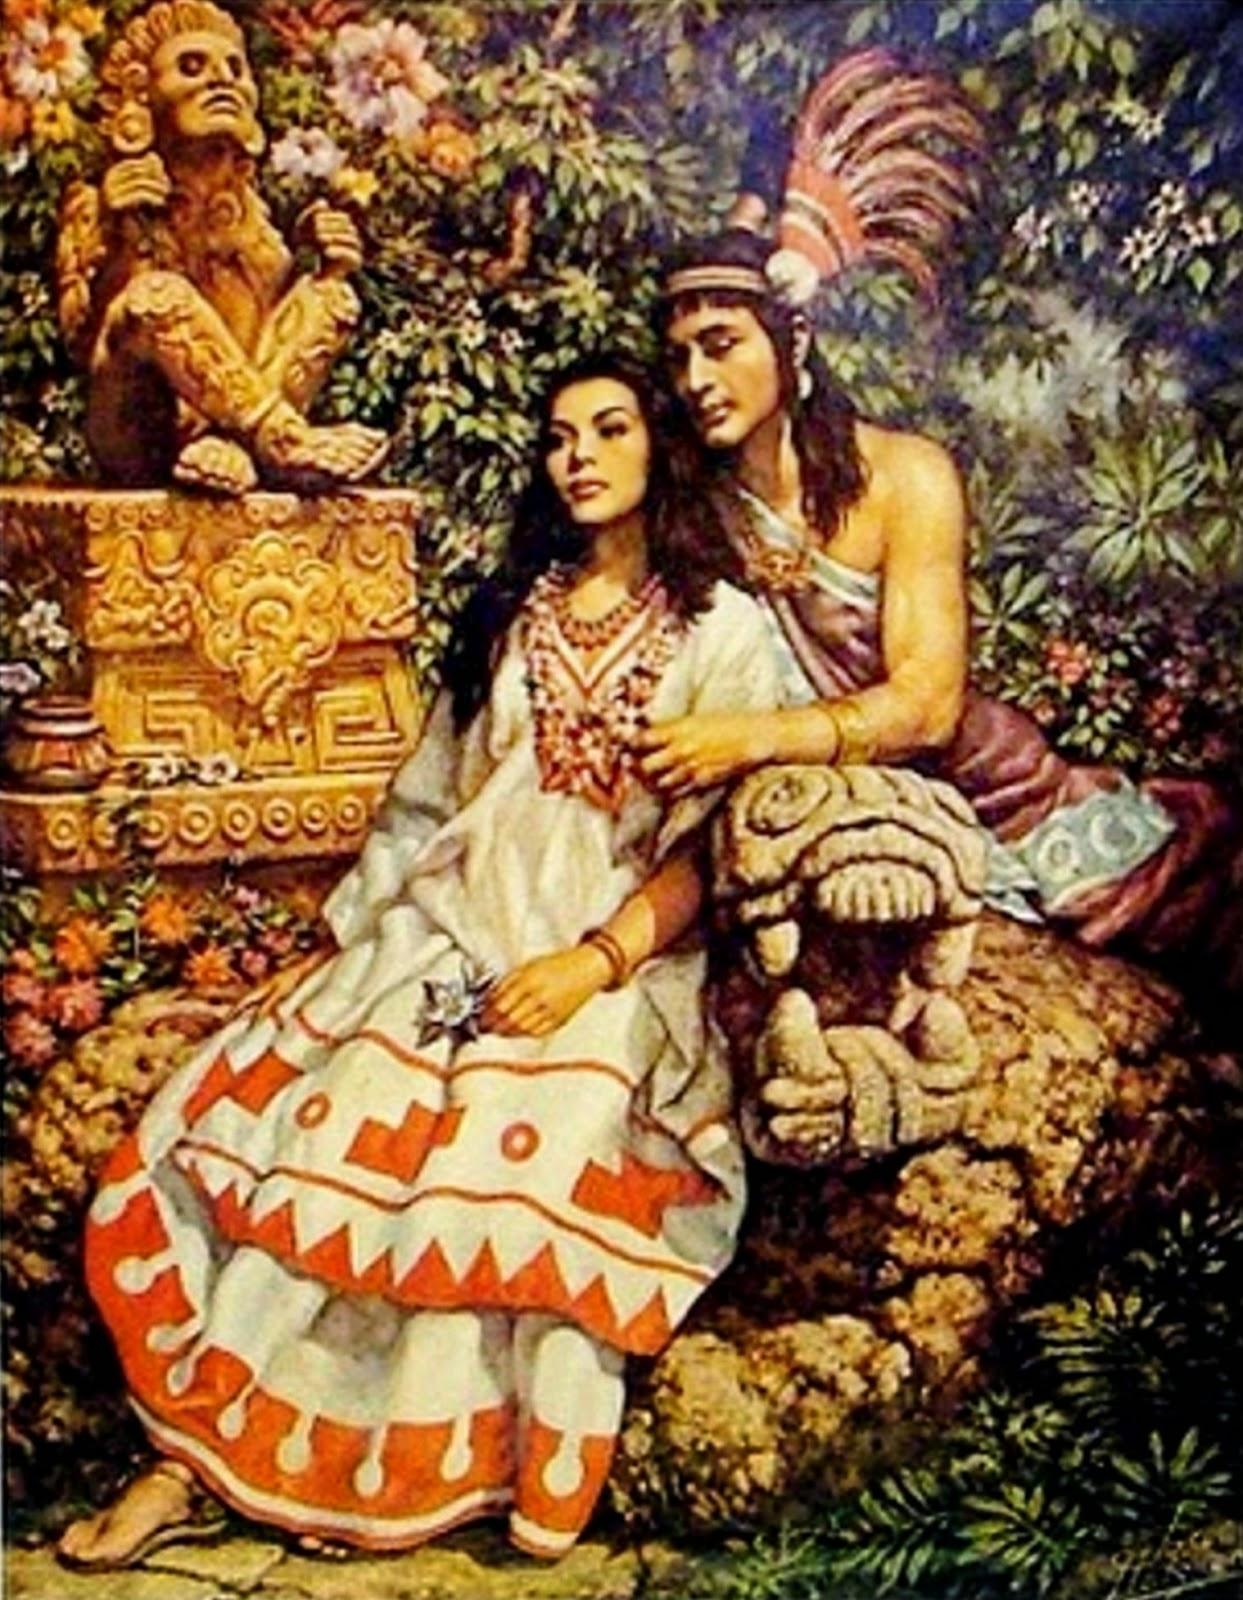 retratos-de-indigenas-mexicanas